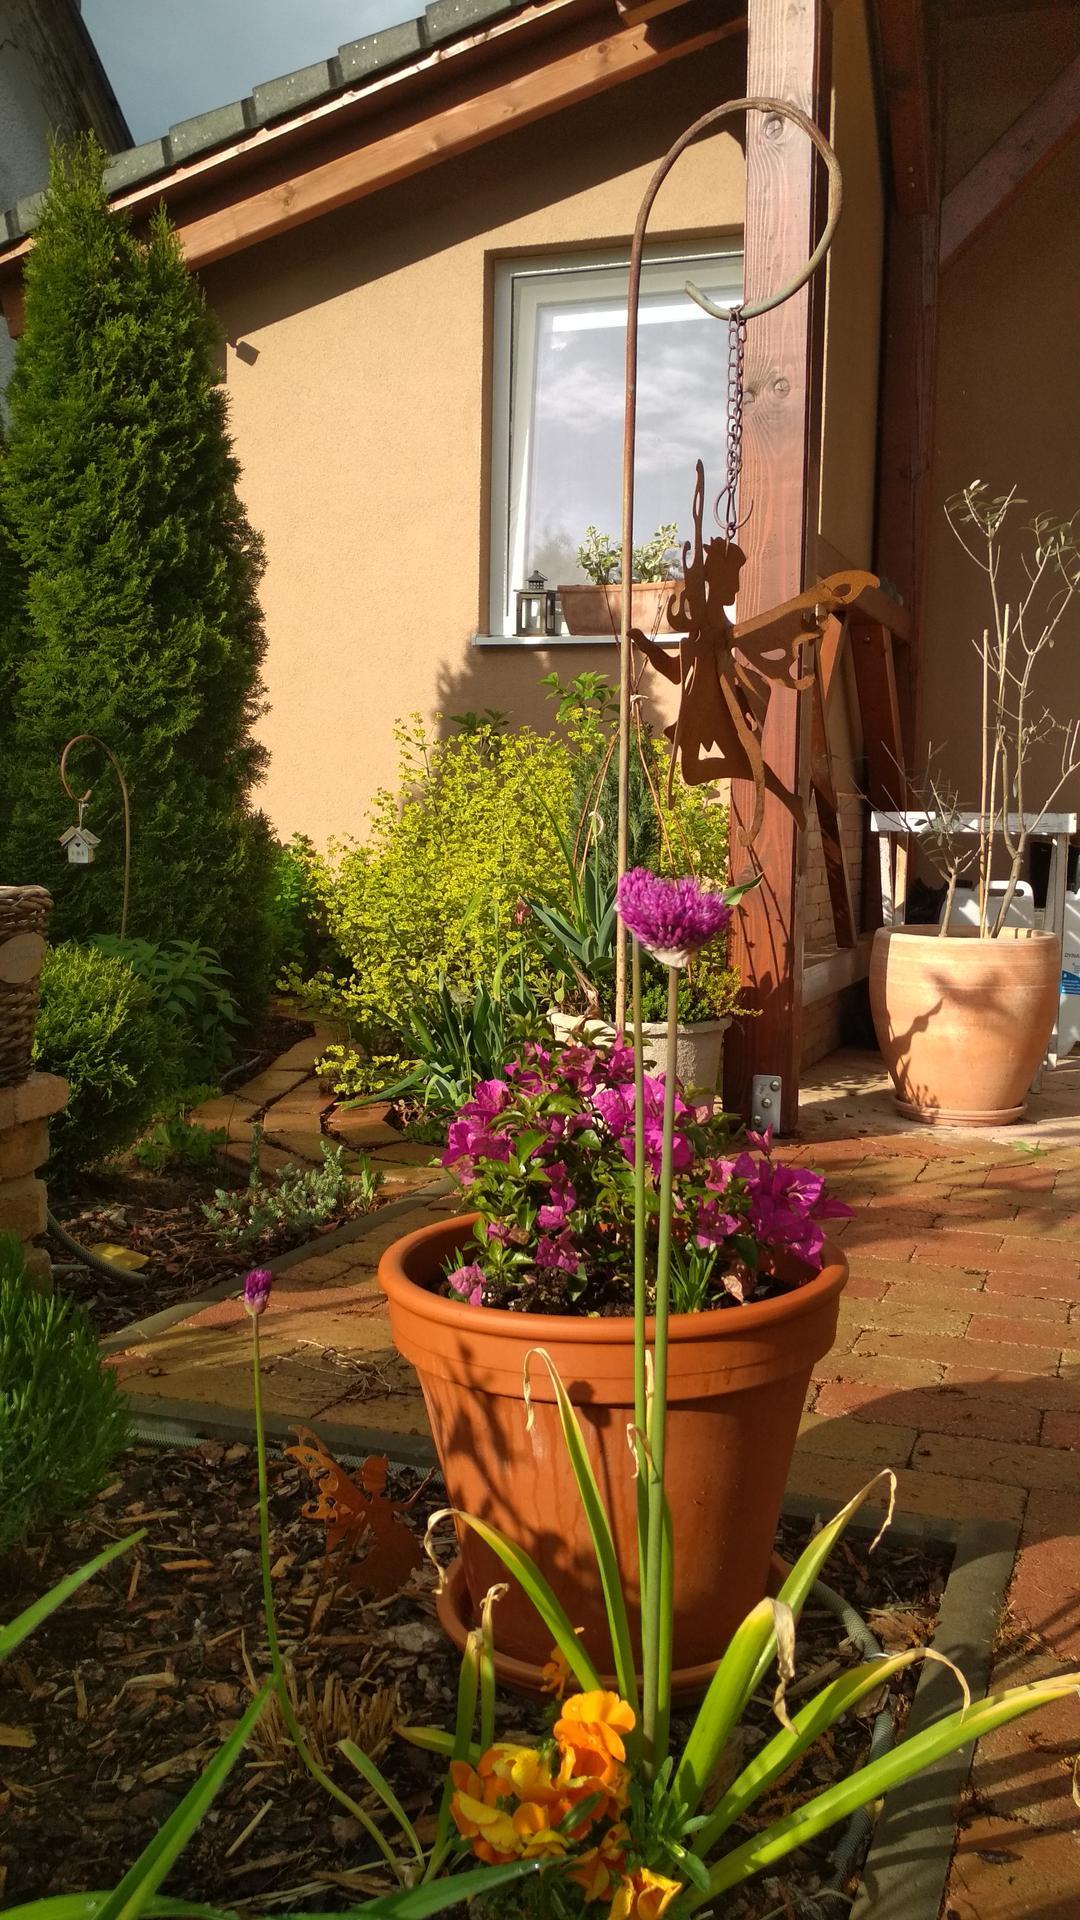 záhrada vidiecka, farebná rok 2021 - Obrázok č. 45